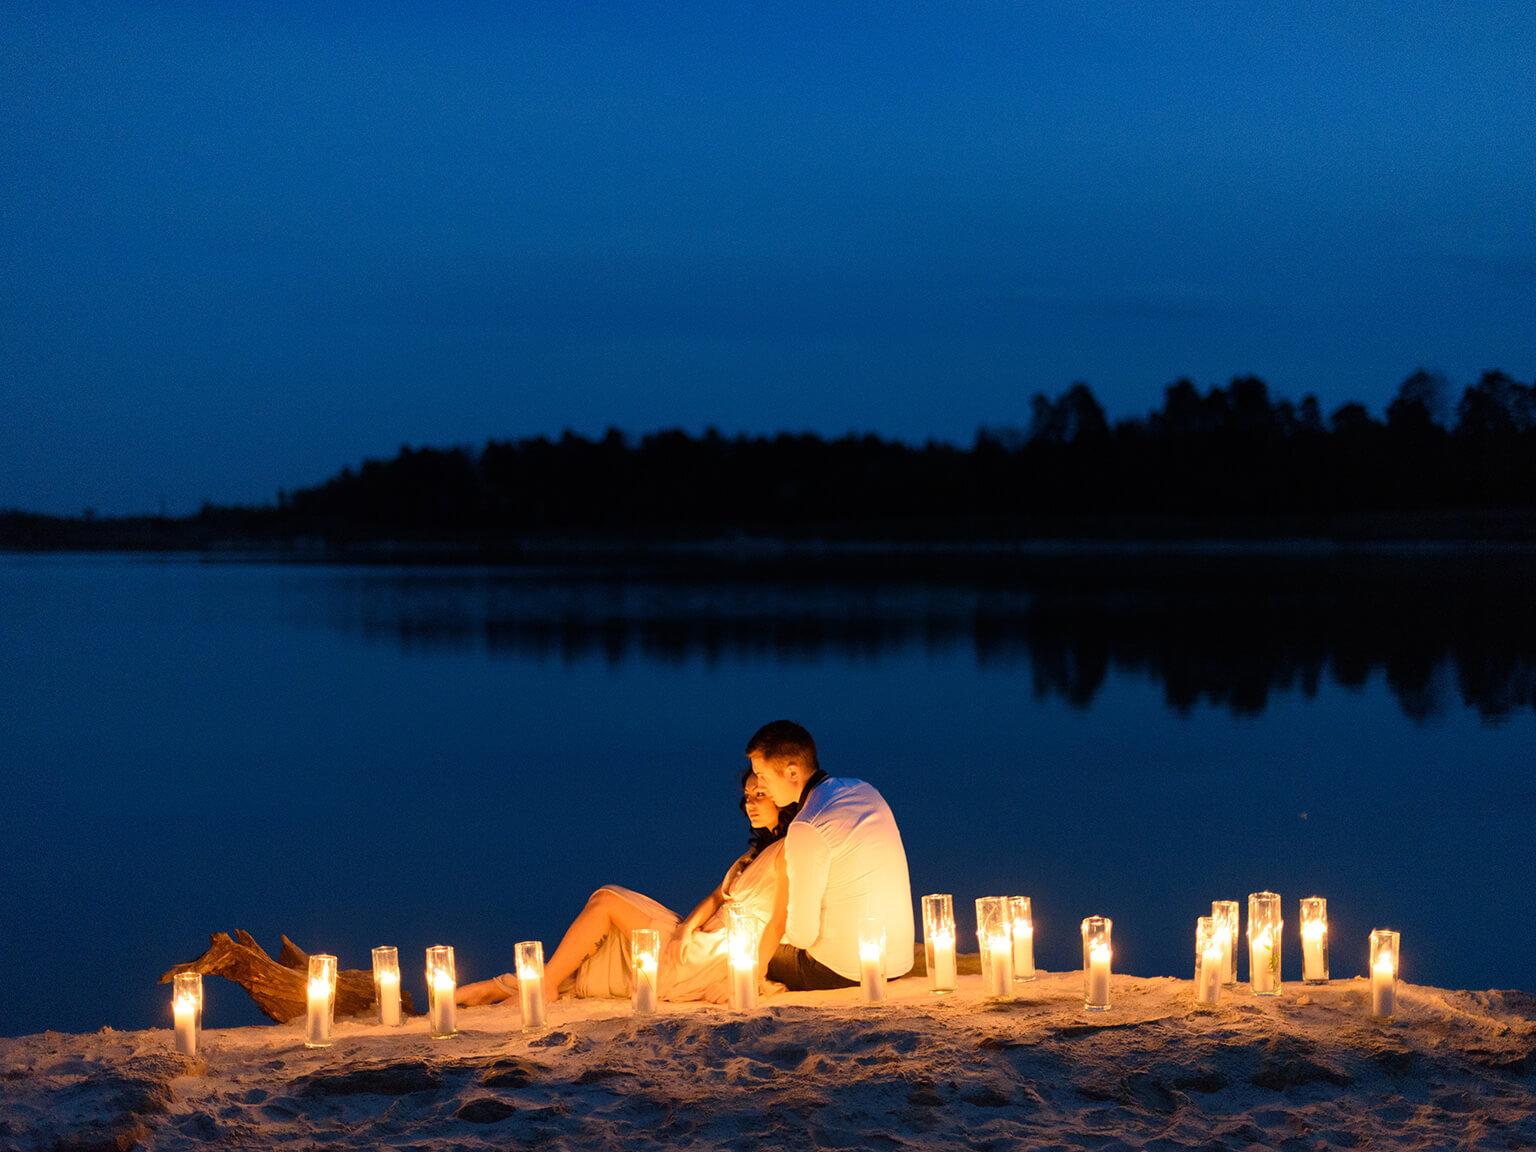 Hermosa joven pareja de enamorados en el lago rodeado de muchas velas encendidas. Tiempo en una noche romántica